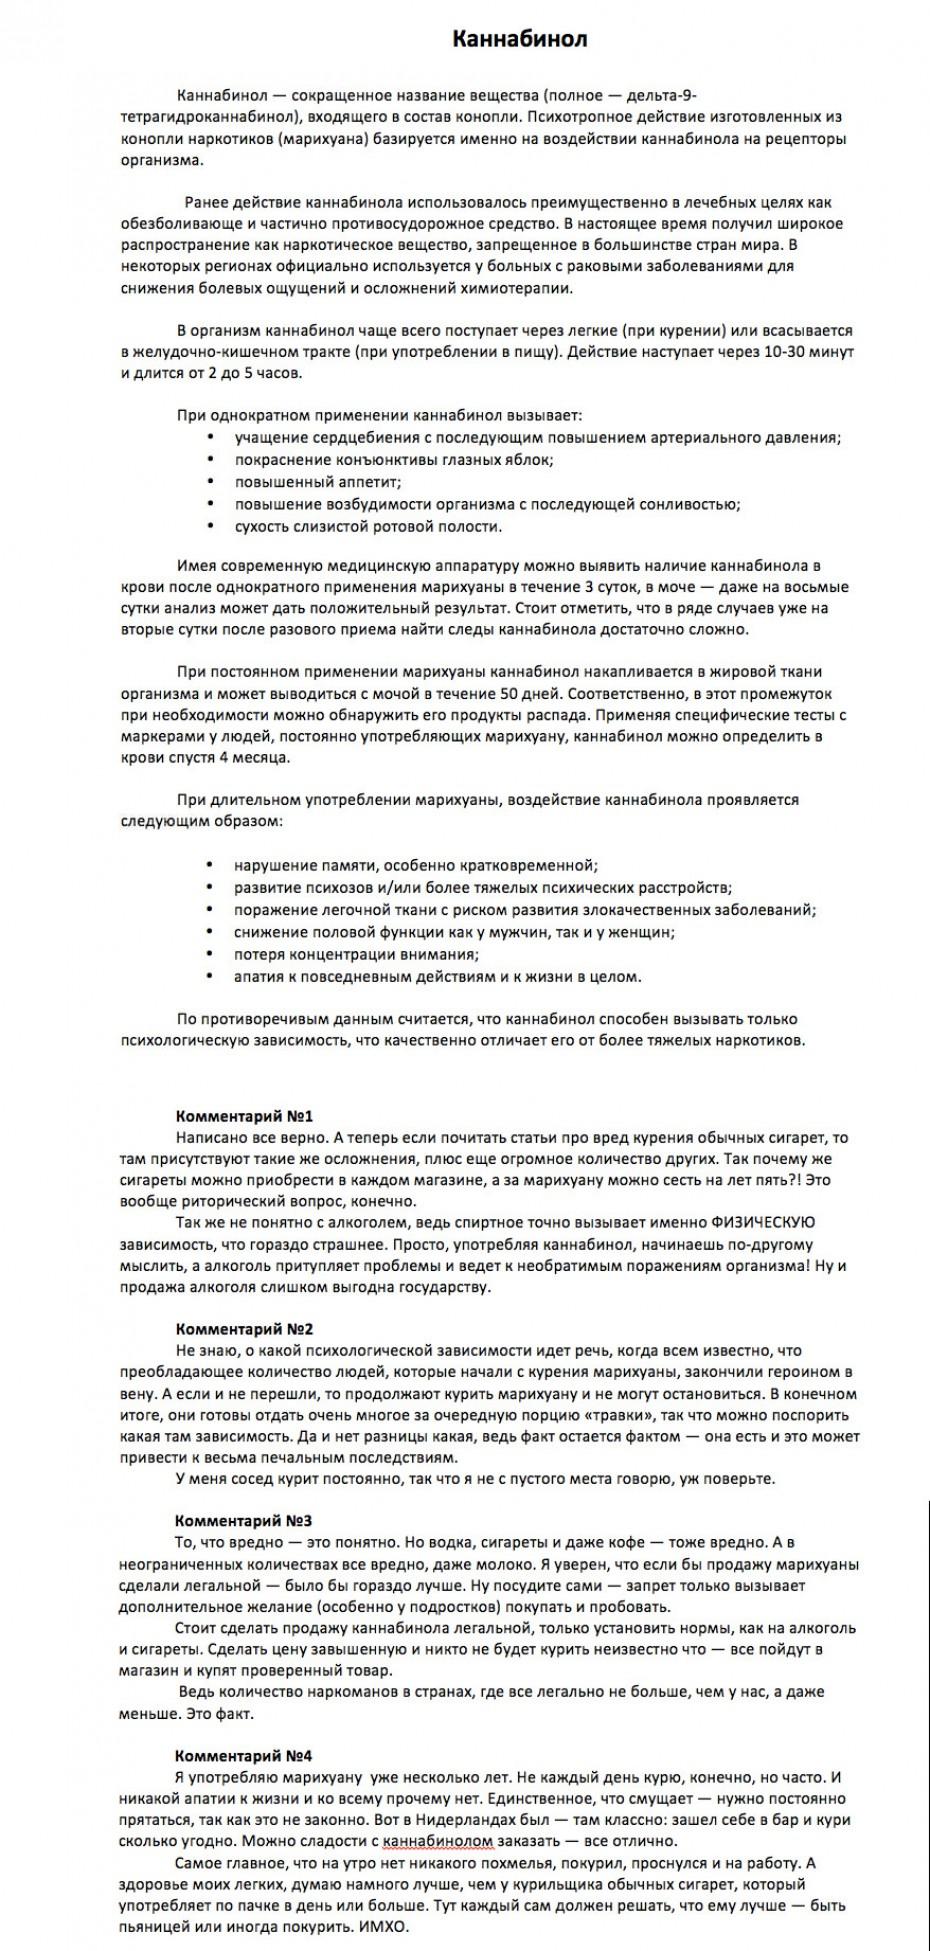 Копирайтинг для форума: медицинский пост и комменты